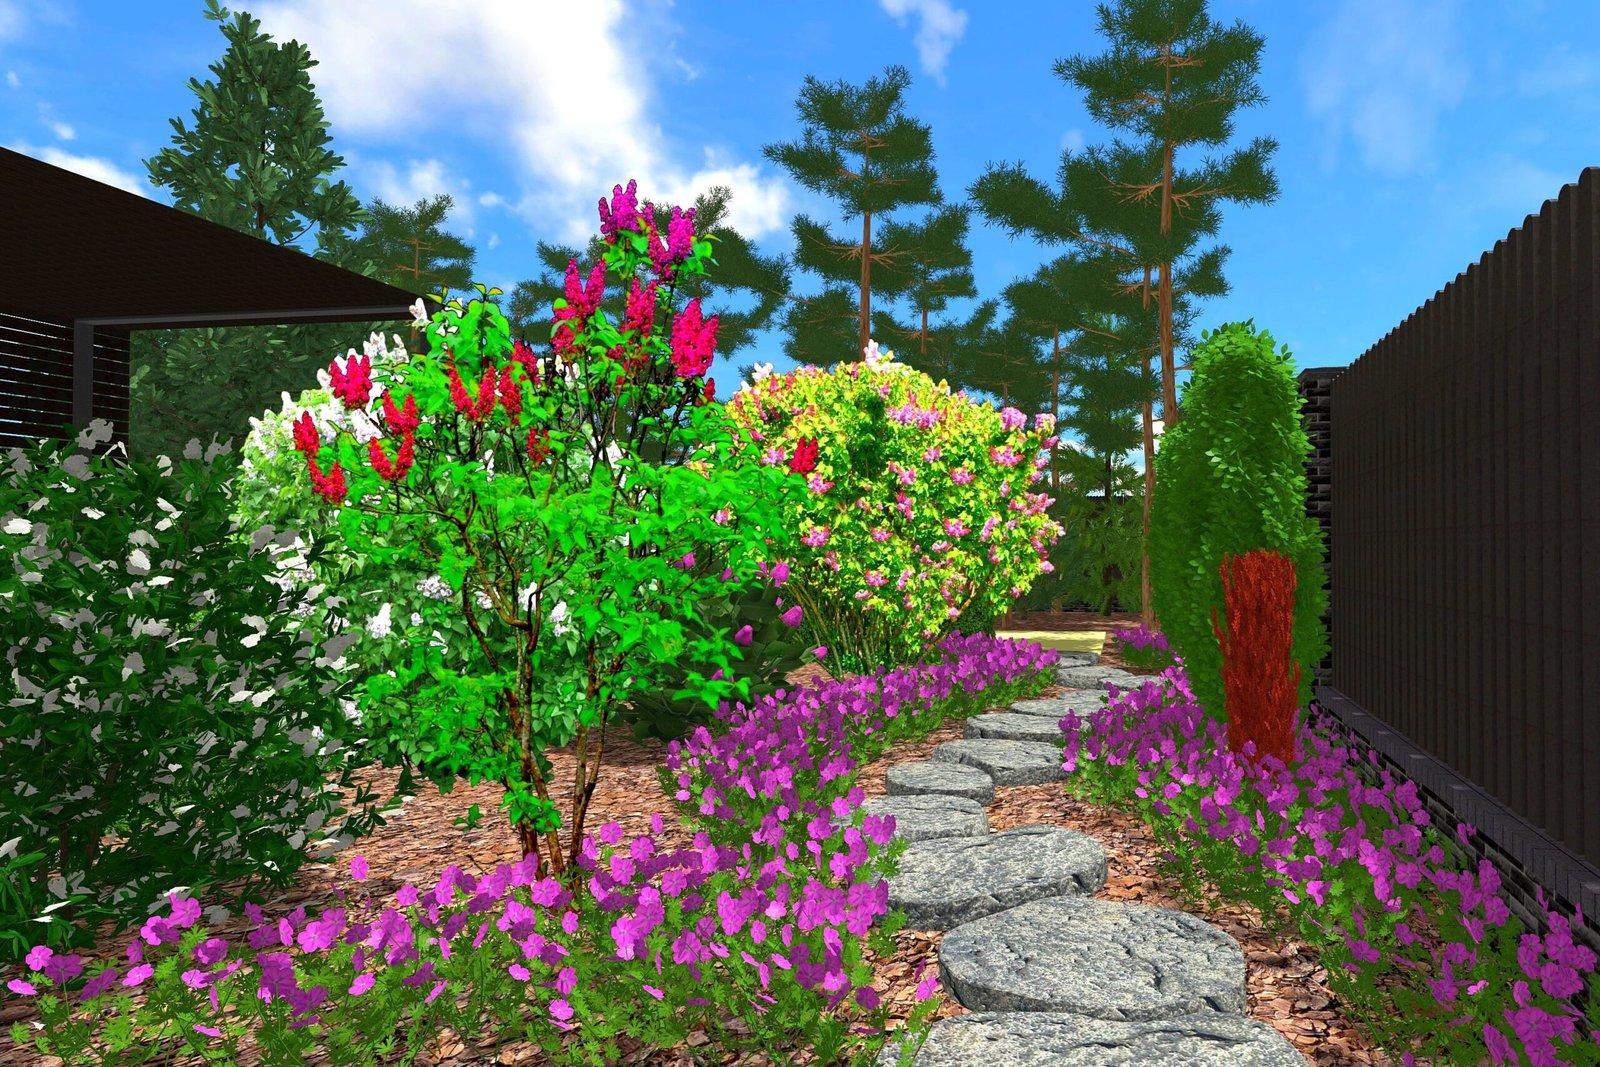 Природный ландшафт участка в Киеве, ландшафтный дизайн участка в природном стиле в Киеве, ландшафтный дизайн участка природный Киев